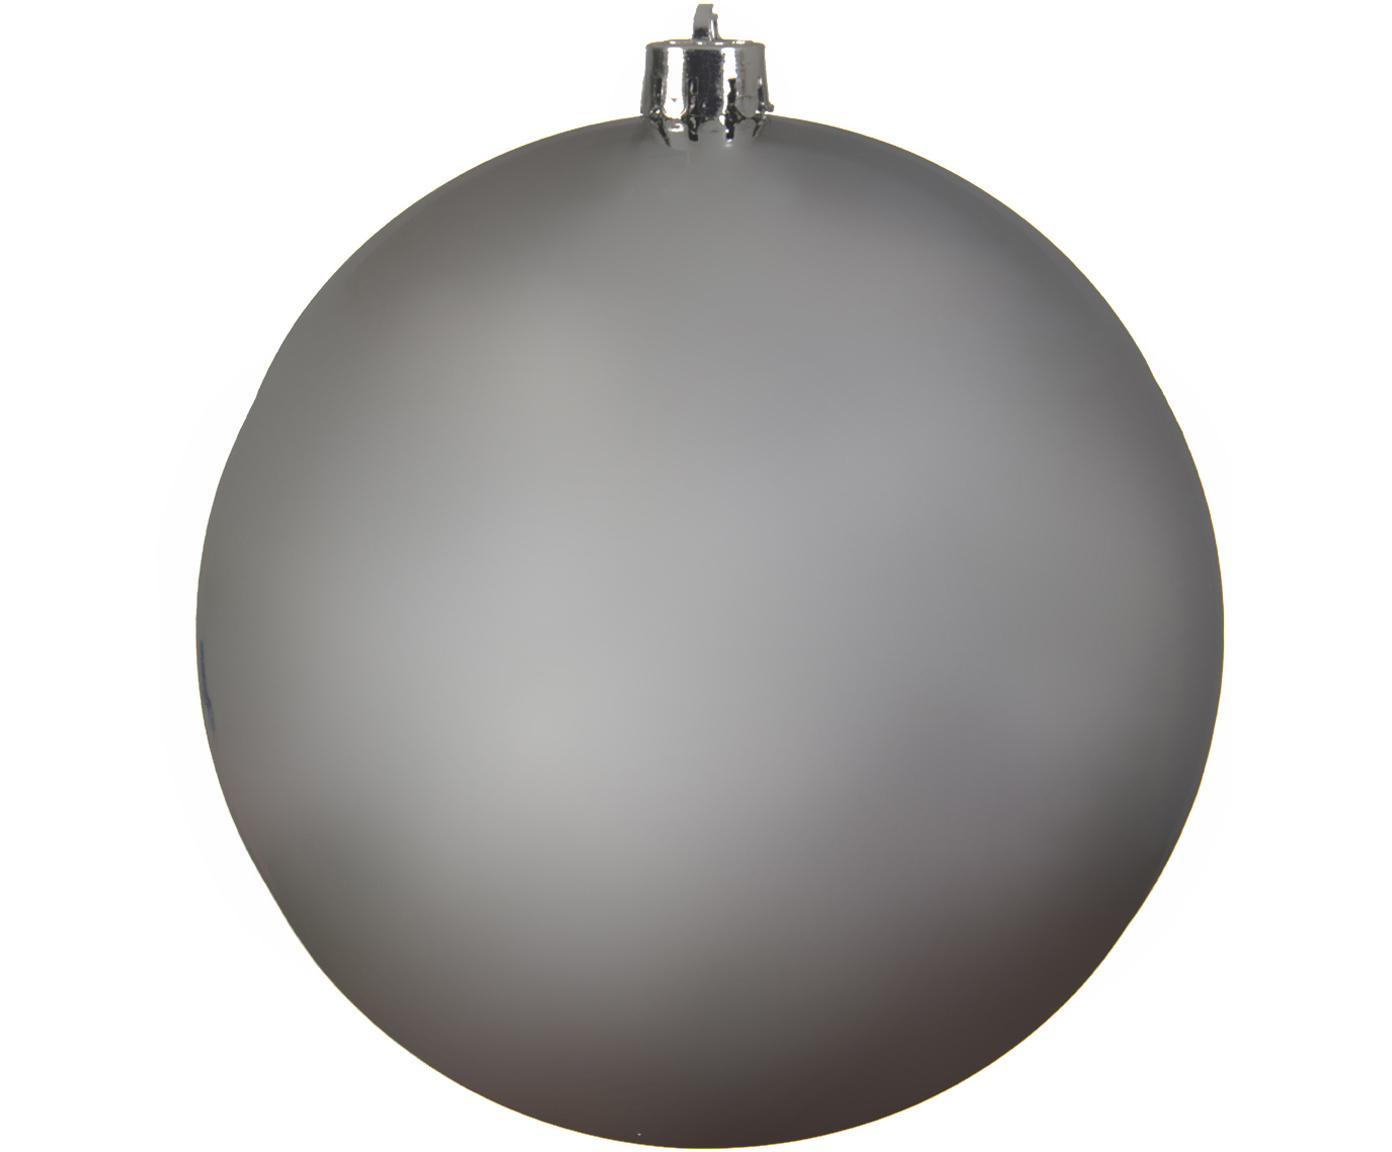 Bombka XL Minstix, Tworzywo sztuczne, Odcienie srebrnego, Ø 20 cm